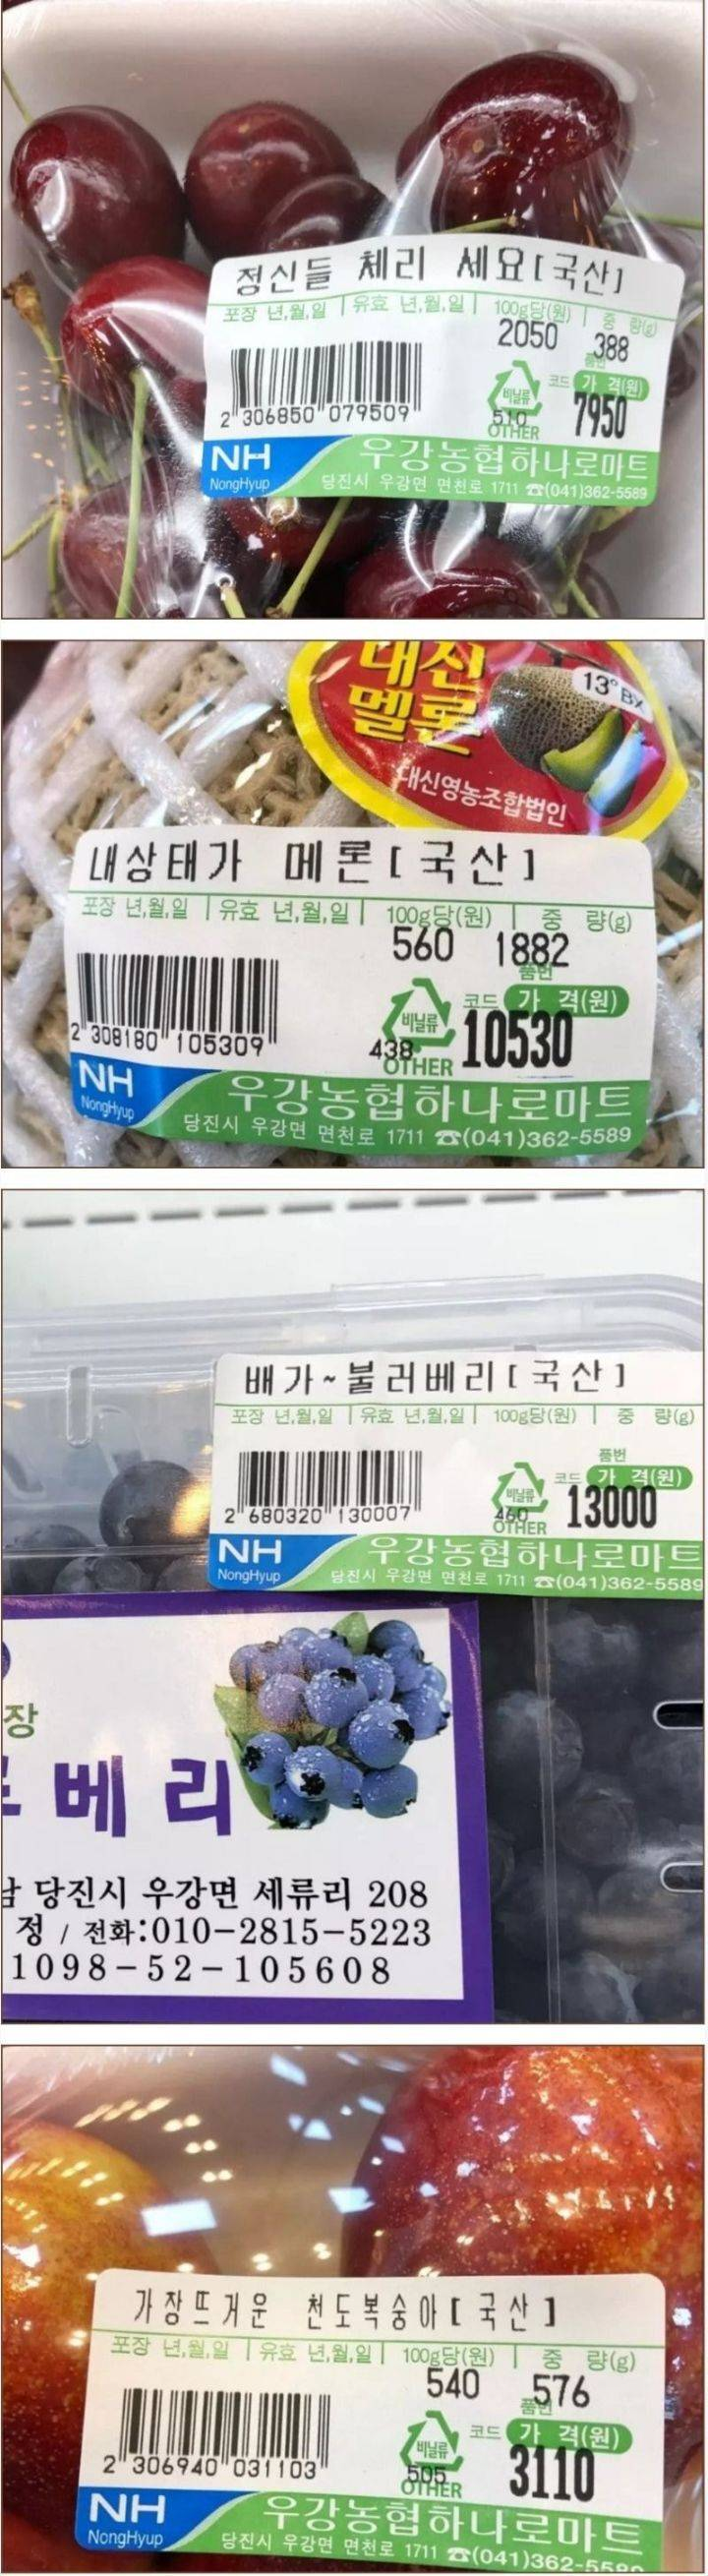 마트에서 과일 잘 파는 법.JPG | 인스티즈